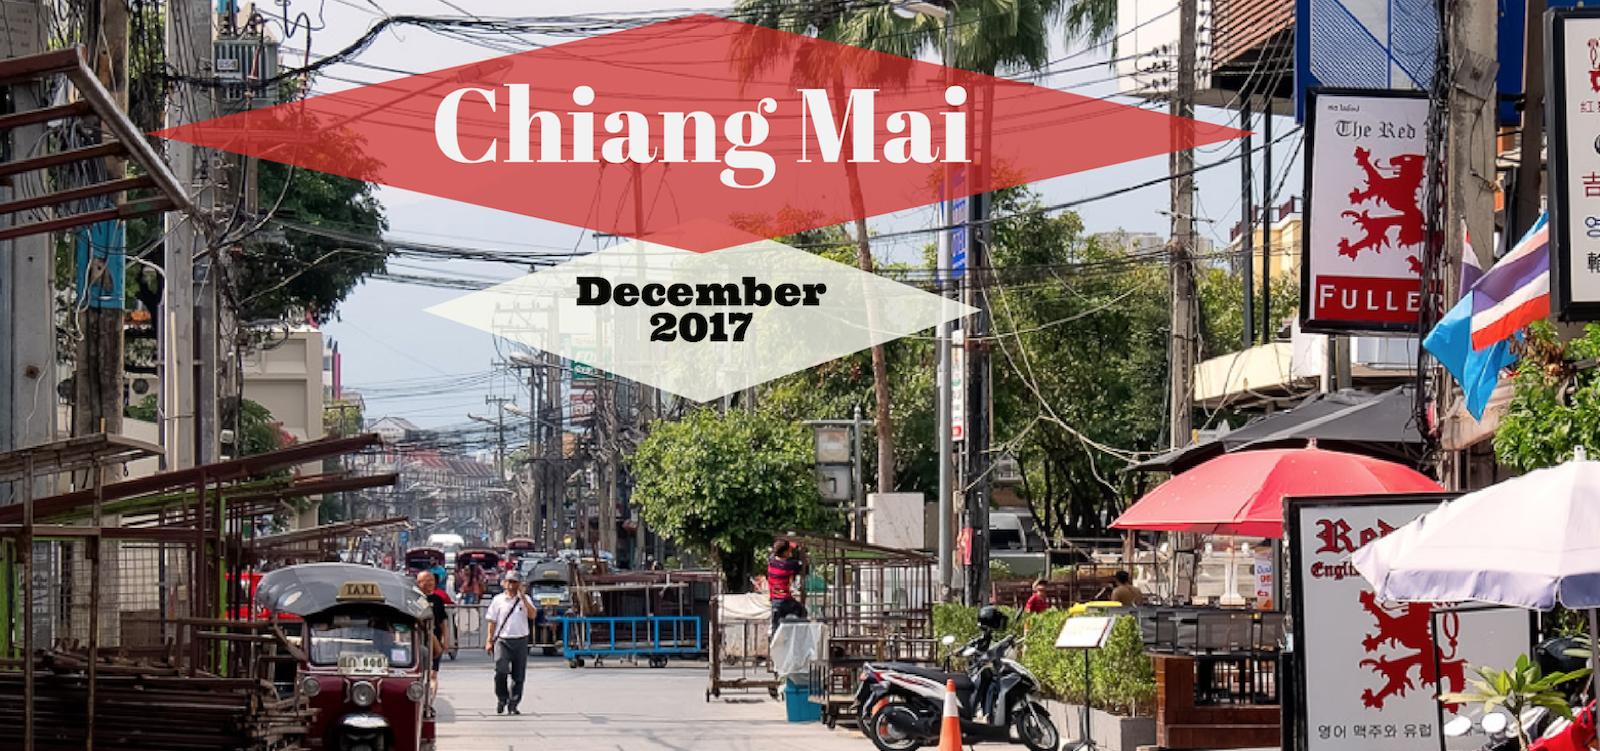 4 Chiang